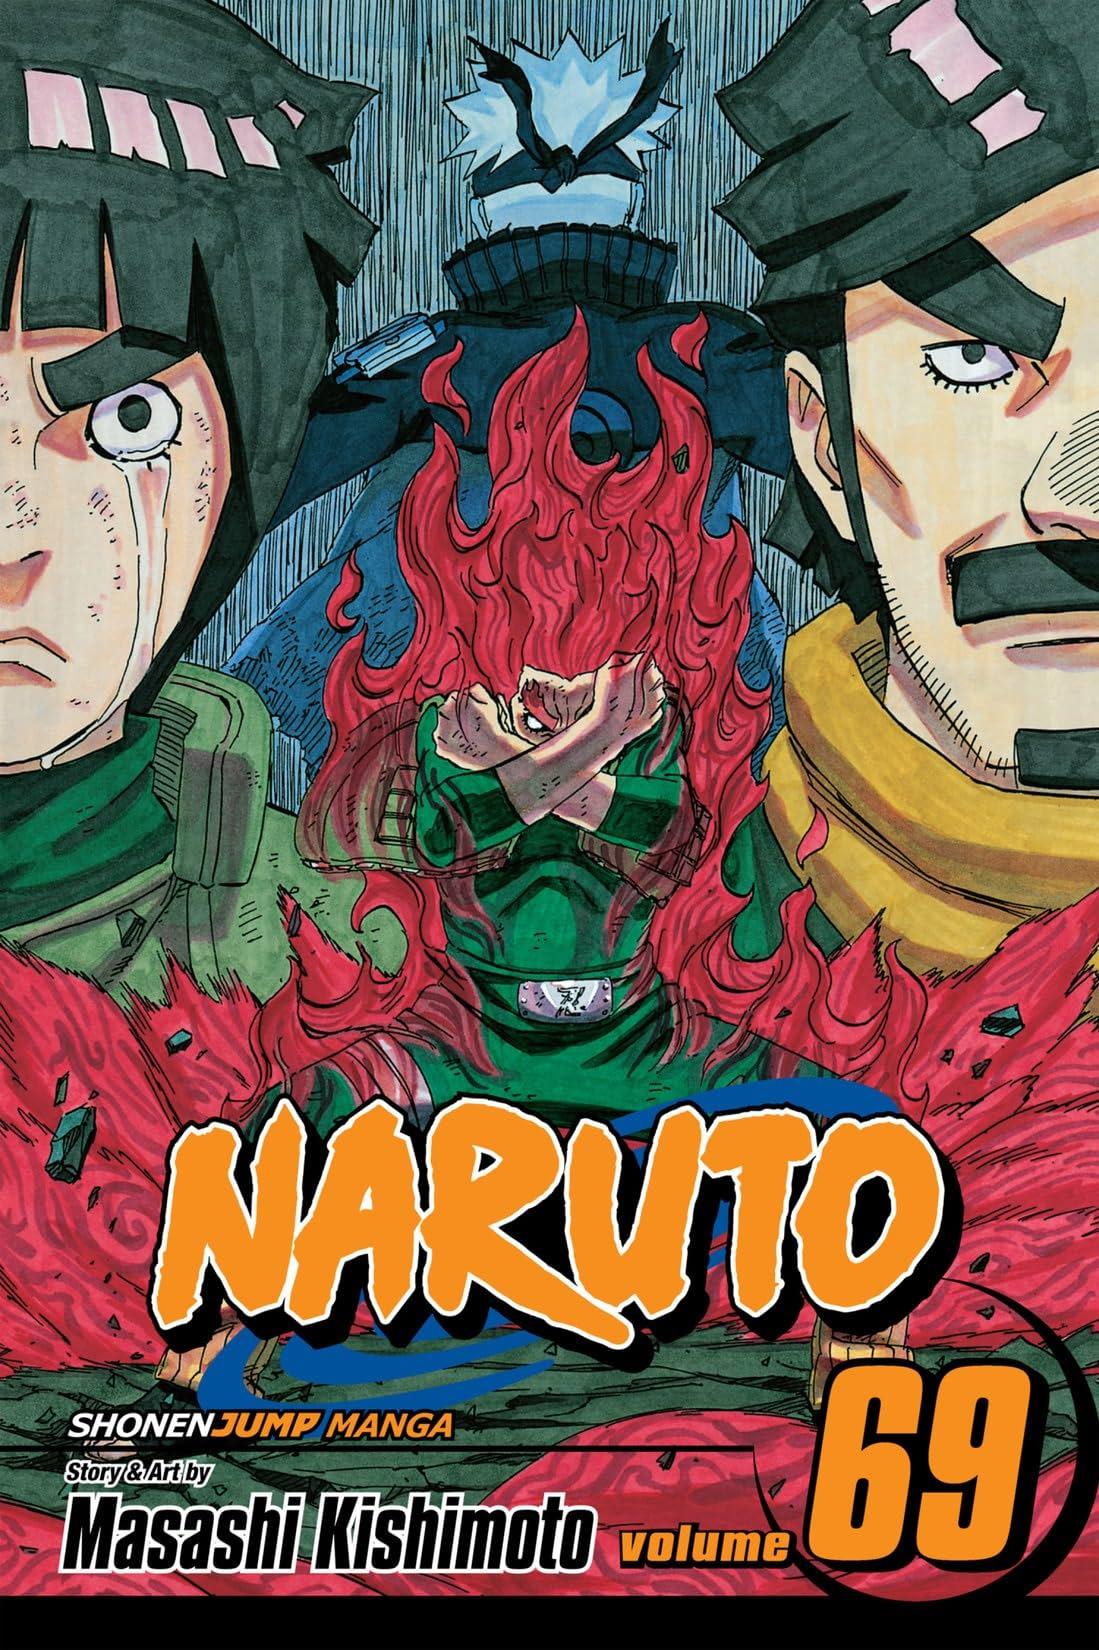 Naruto Vol. 69